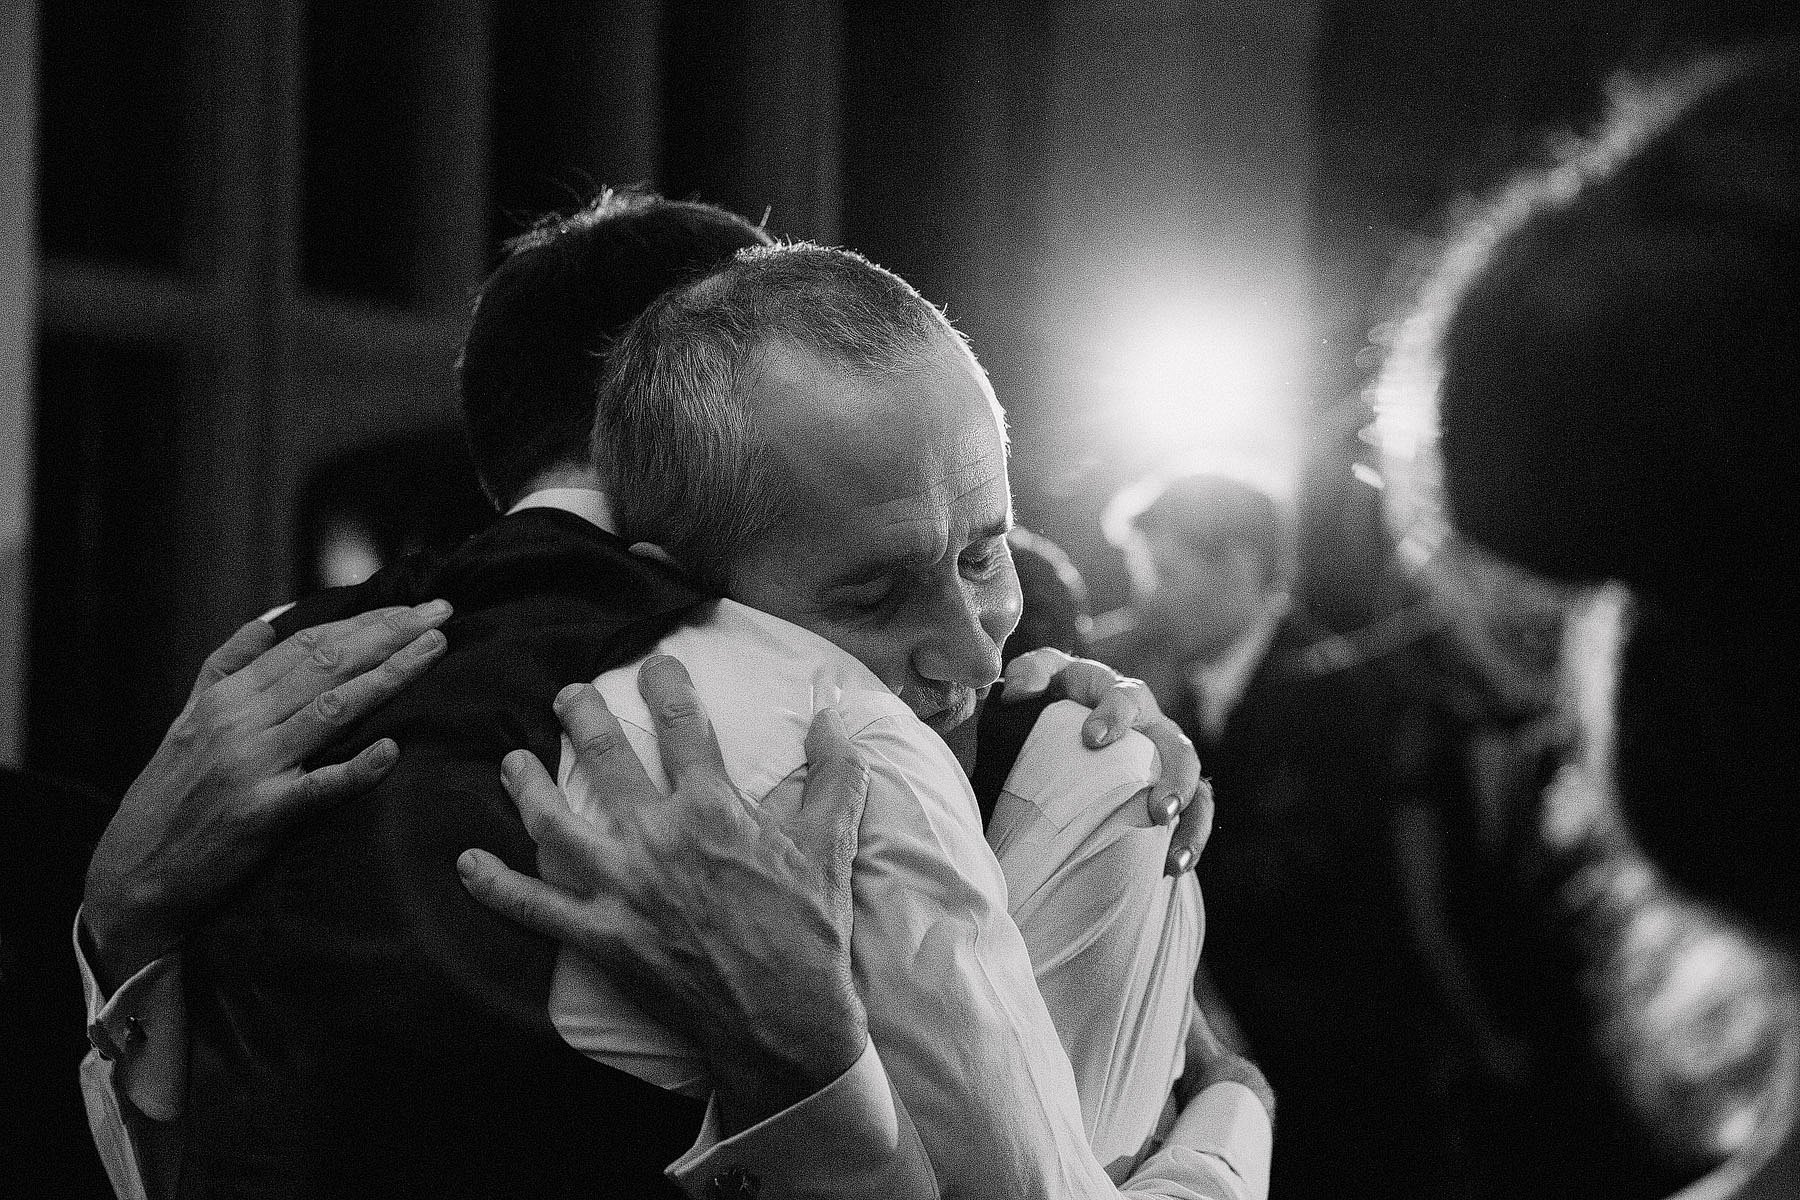 father and son hug at wedding